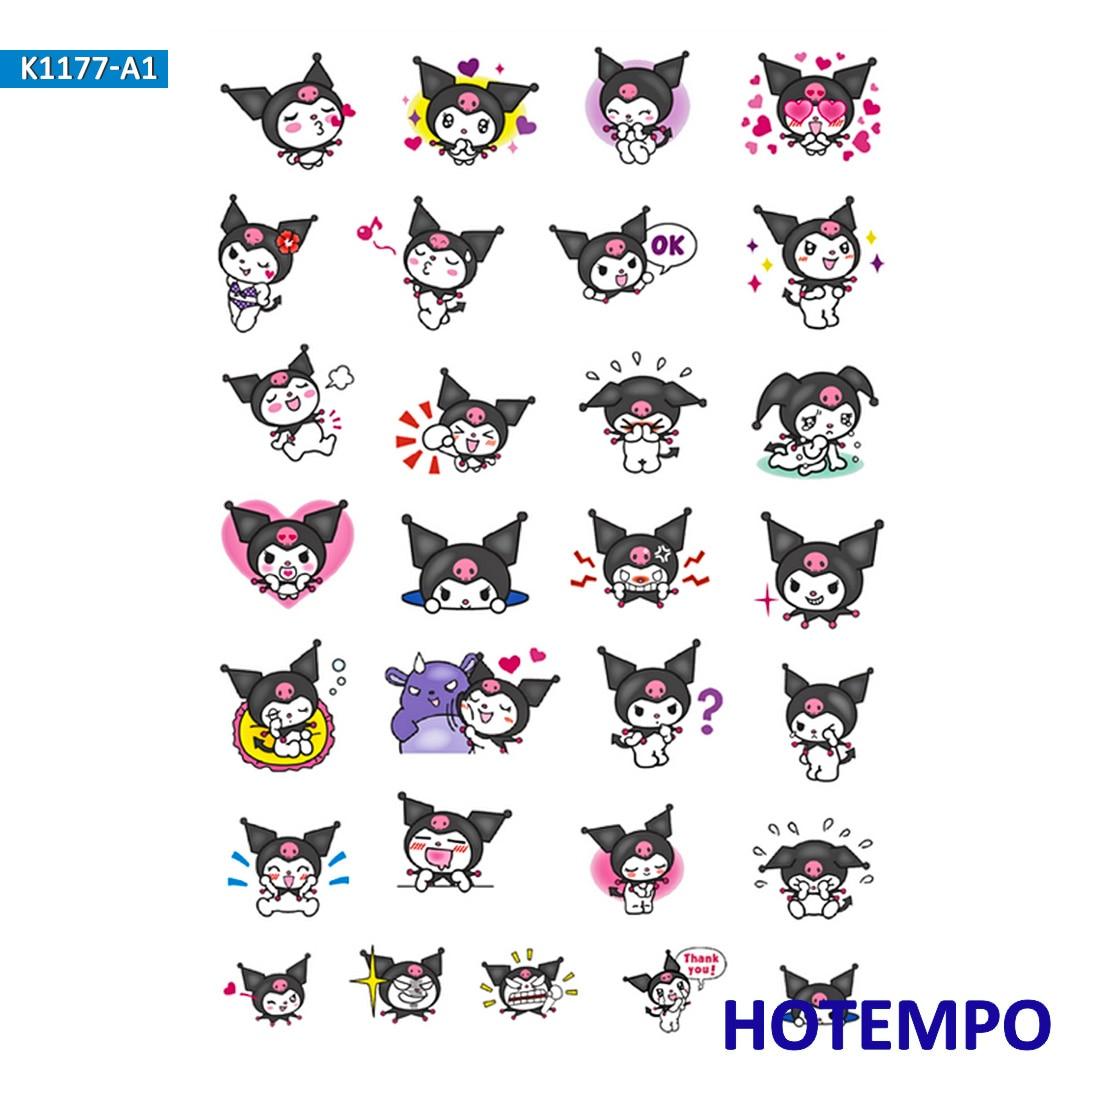 Sanrio koomi Melody Keroppi Pekkle Gudetama милые наклейки для детей с буквенным принтом дневник Скрапбукинг Канцелярские наклейки Pegatinas|Наклейки|   | АлиЭкспресс